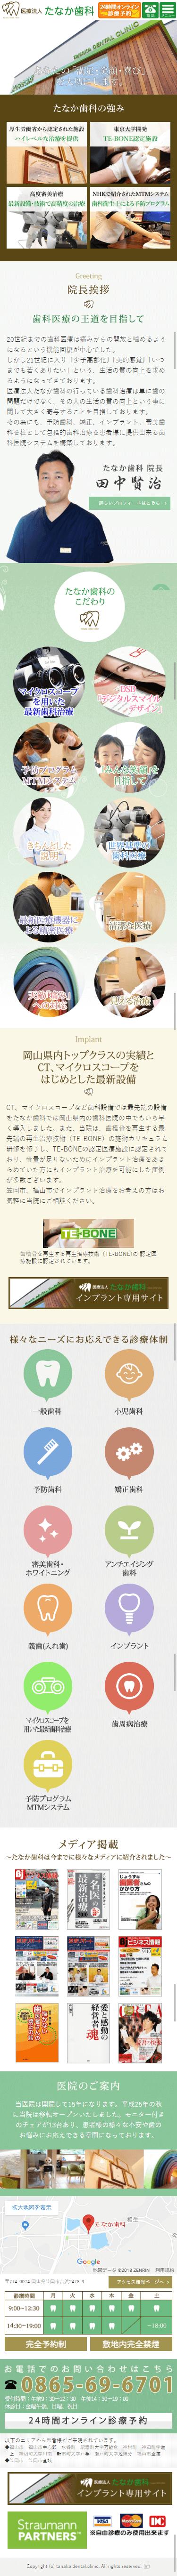 岡山県 たなか歯科様 ホームページ制作3